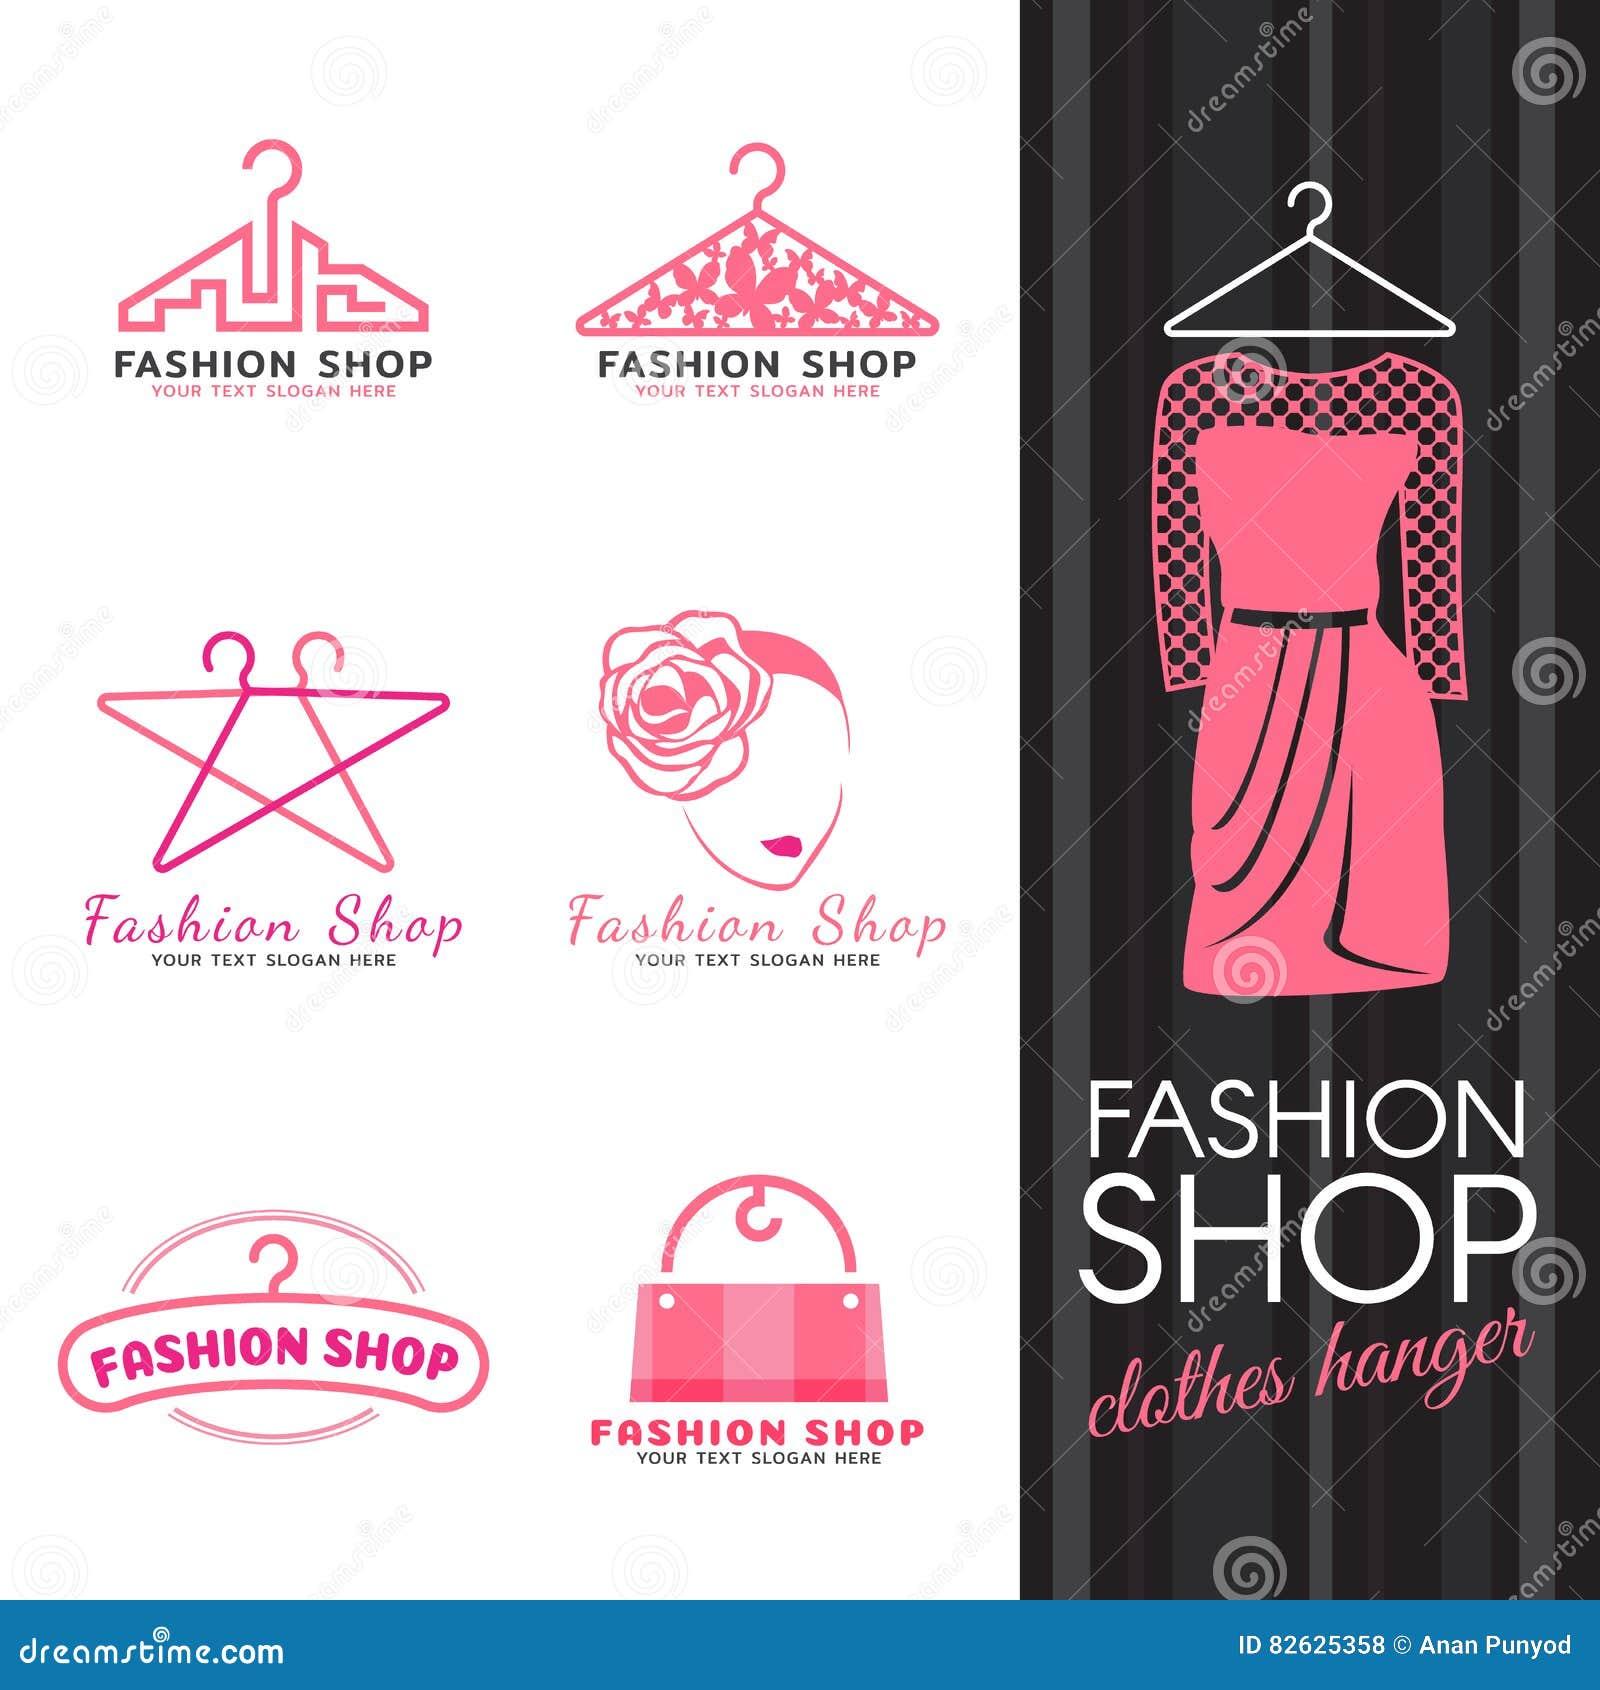 Fashion shop logo - pink clothes hanger and woman face logo vector set design